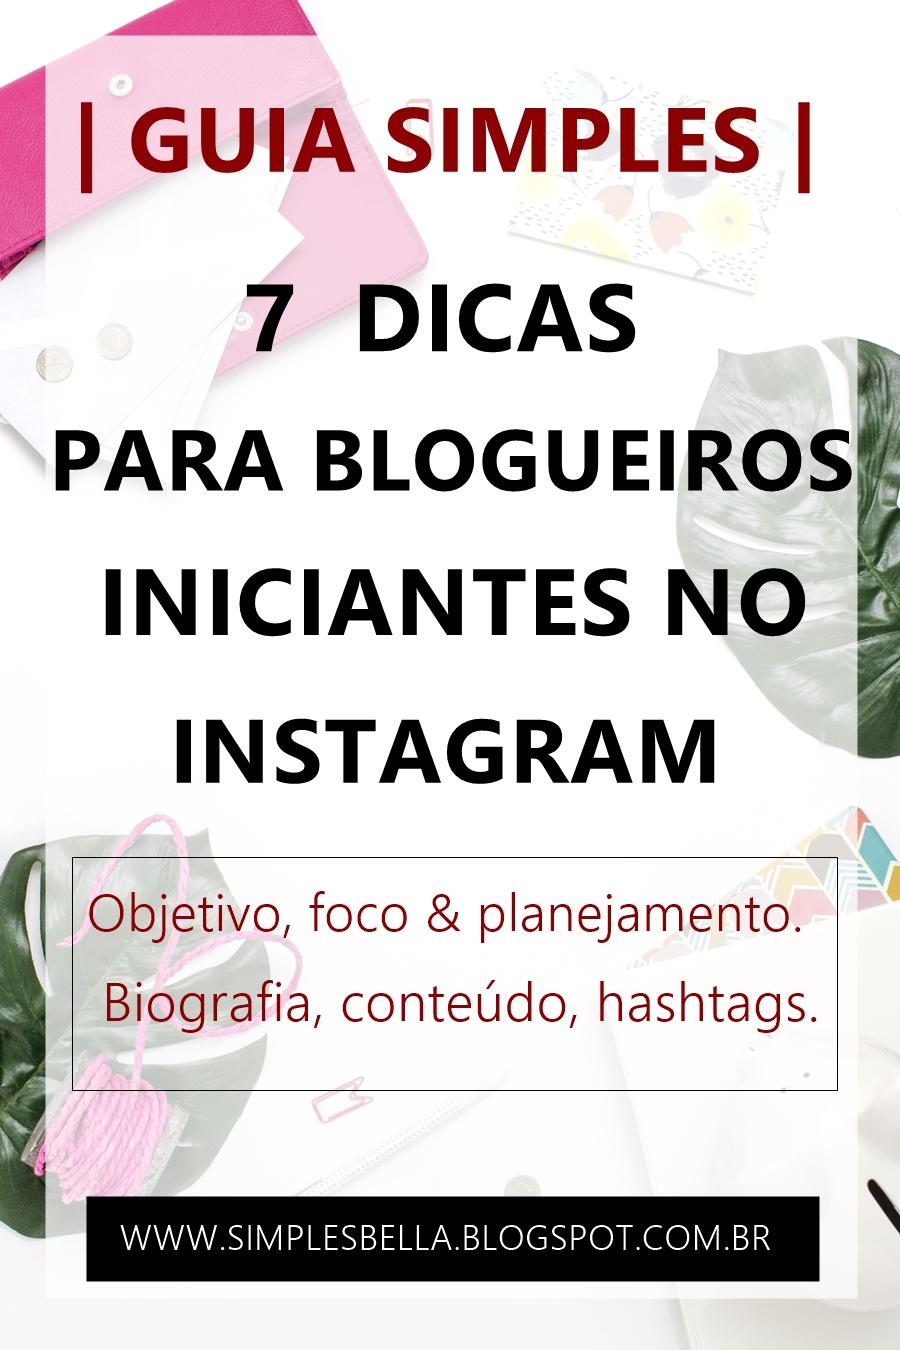 Veja nesse guia simples 7 dicas para blogueiros iniciantes no Instagram, desde o objetivo e planejamento, até como analisar dados de um perfil comercial e melhorar sua presença na rede social. Clique e confira!